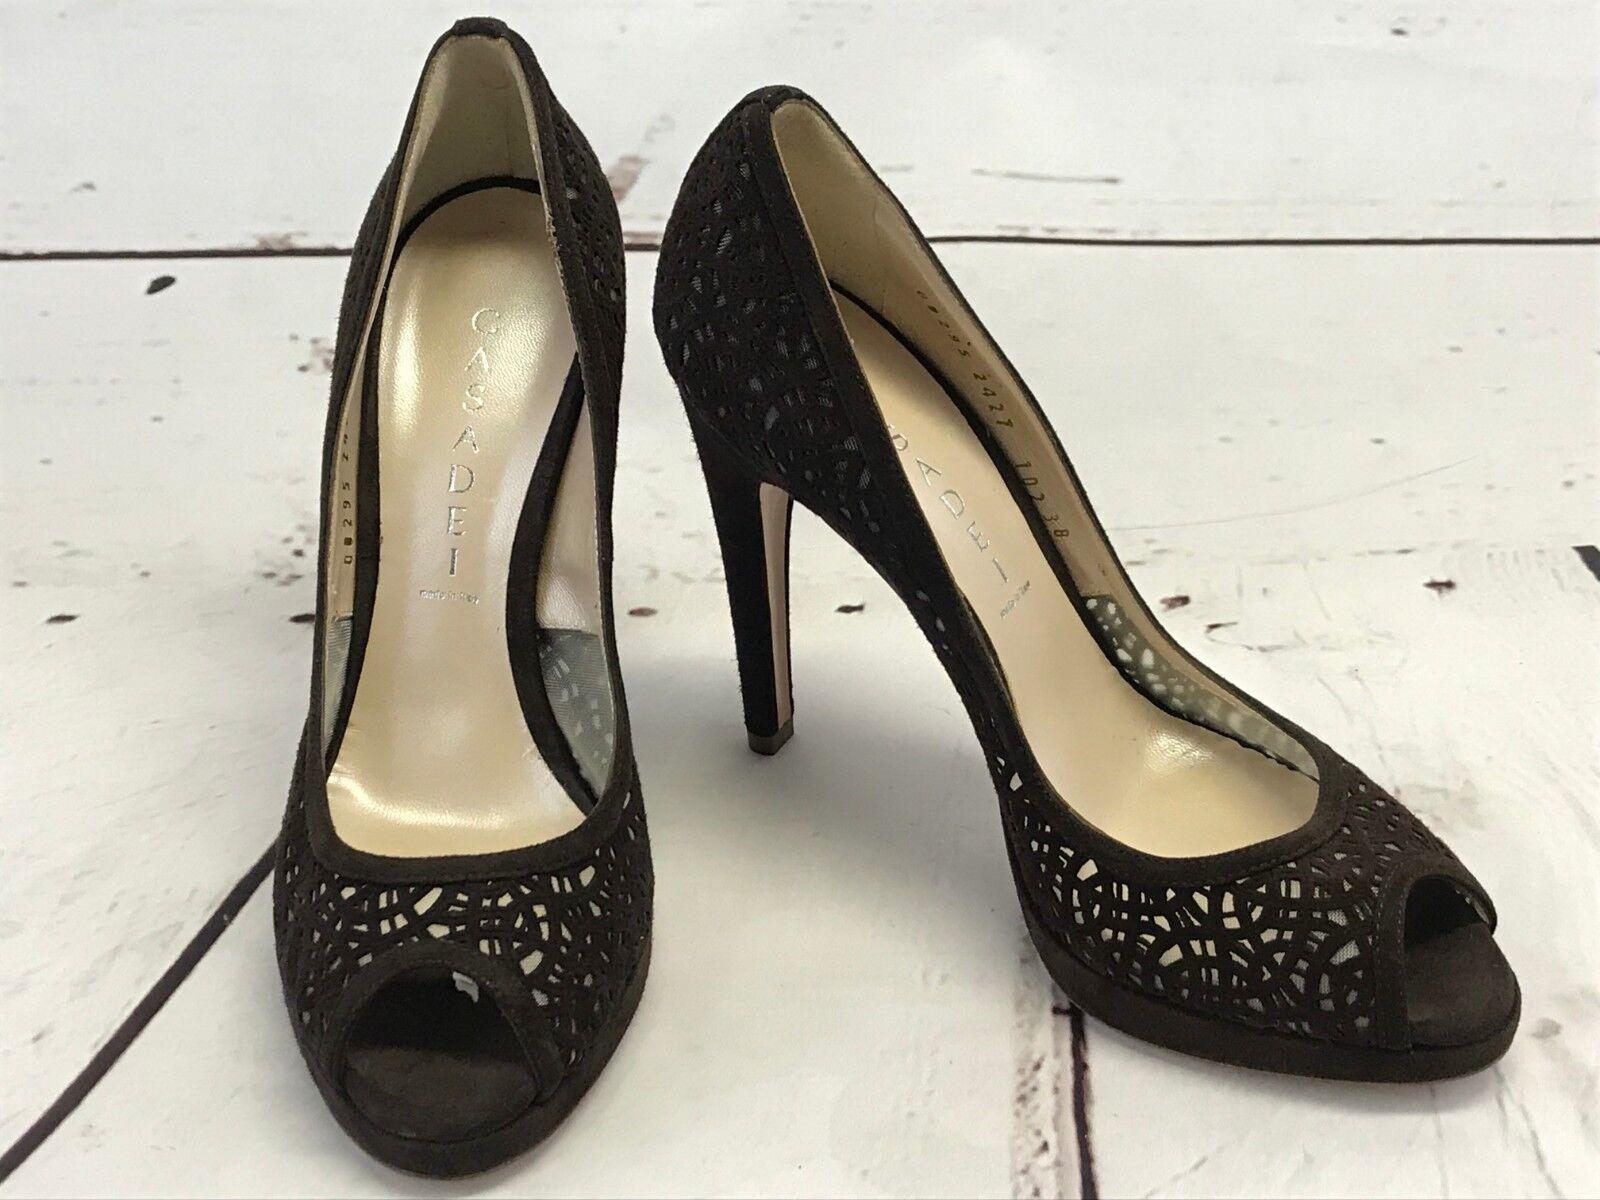 CASADEI Marrón Estampado recorte recorte recorte para mujeres Zapatos De Taco Alto Zapatos De Salón Italia 38 US 8  mejor servicio